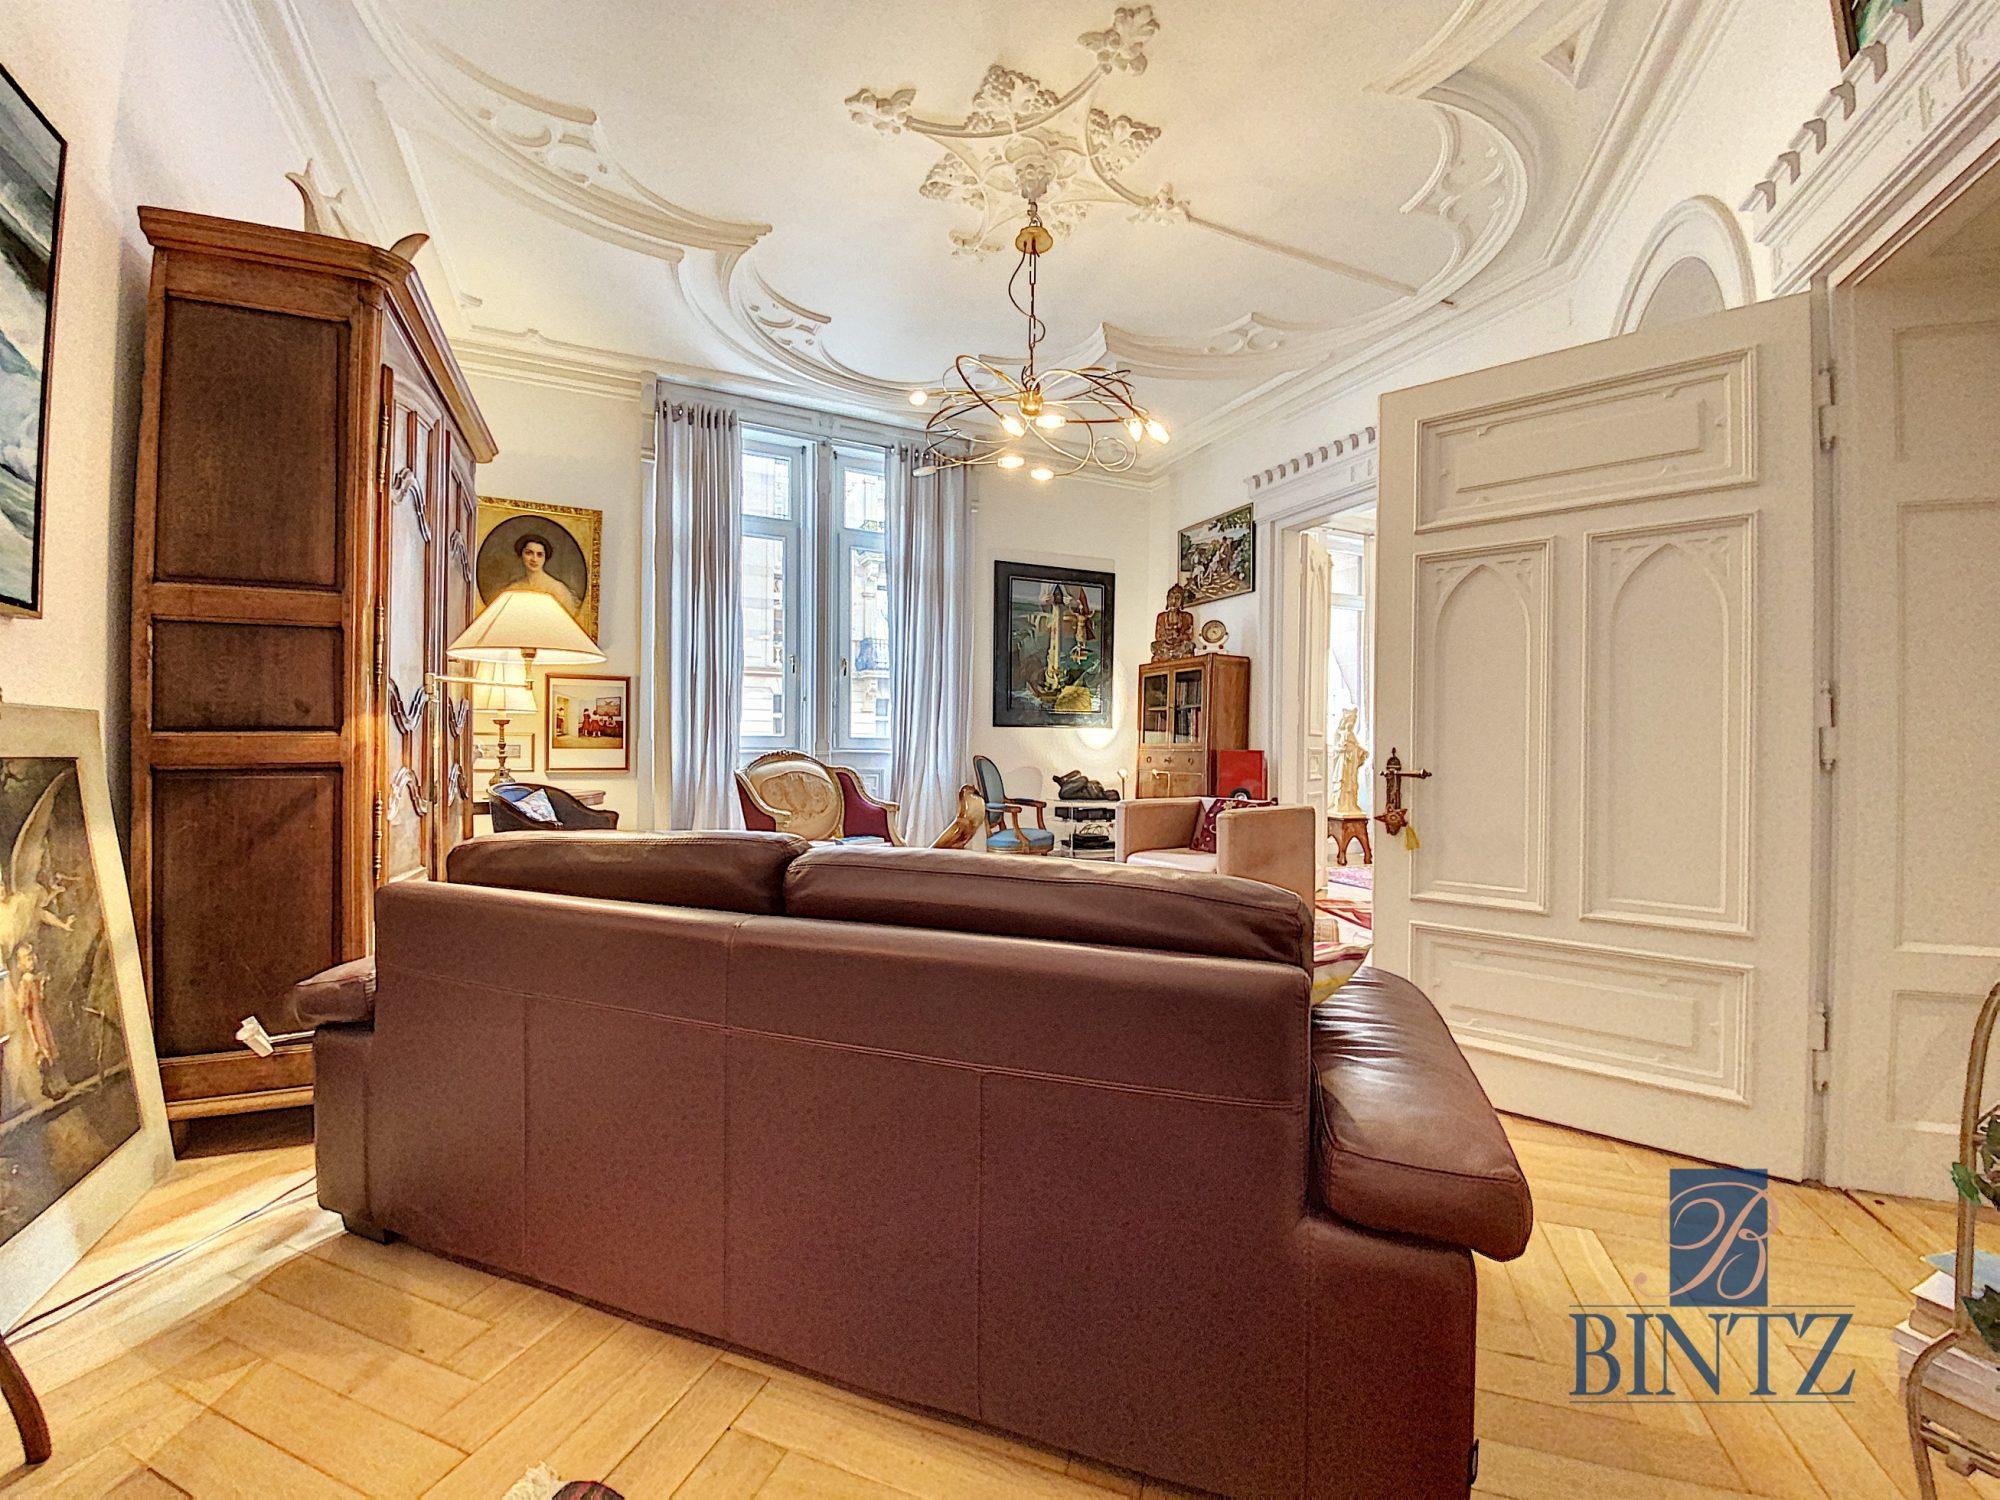 Magnifique 6 pièces de 164m2 à la Neustadt - Devenez propriétaire en toute confiance - Bintz Immobilier - 7